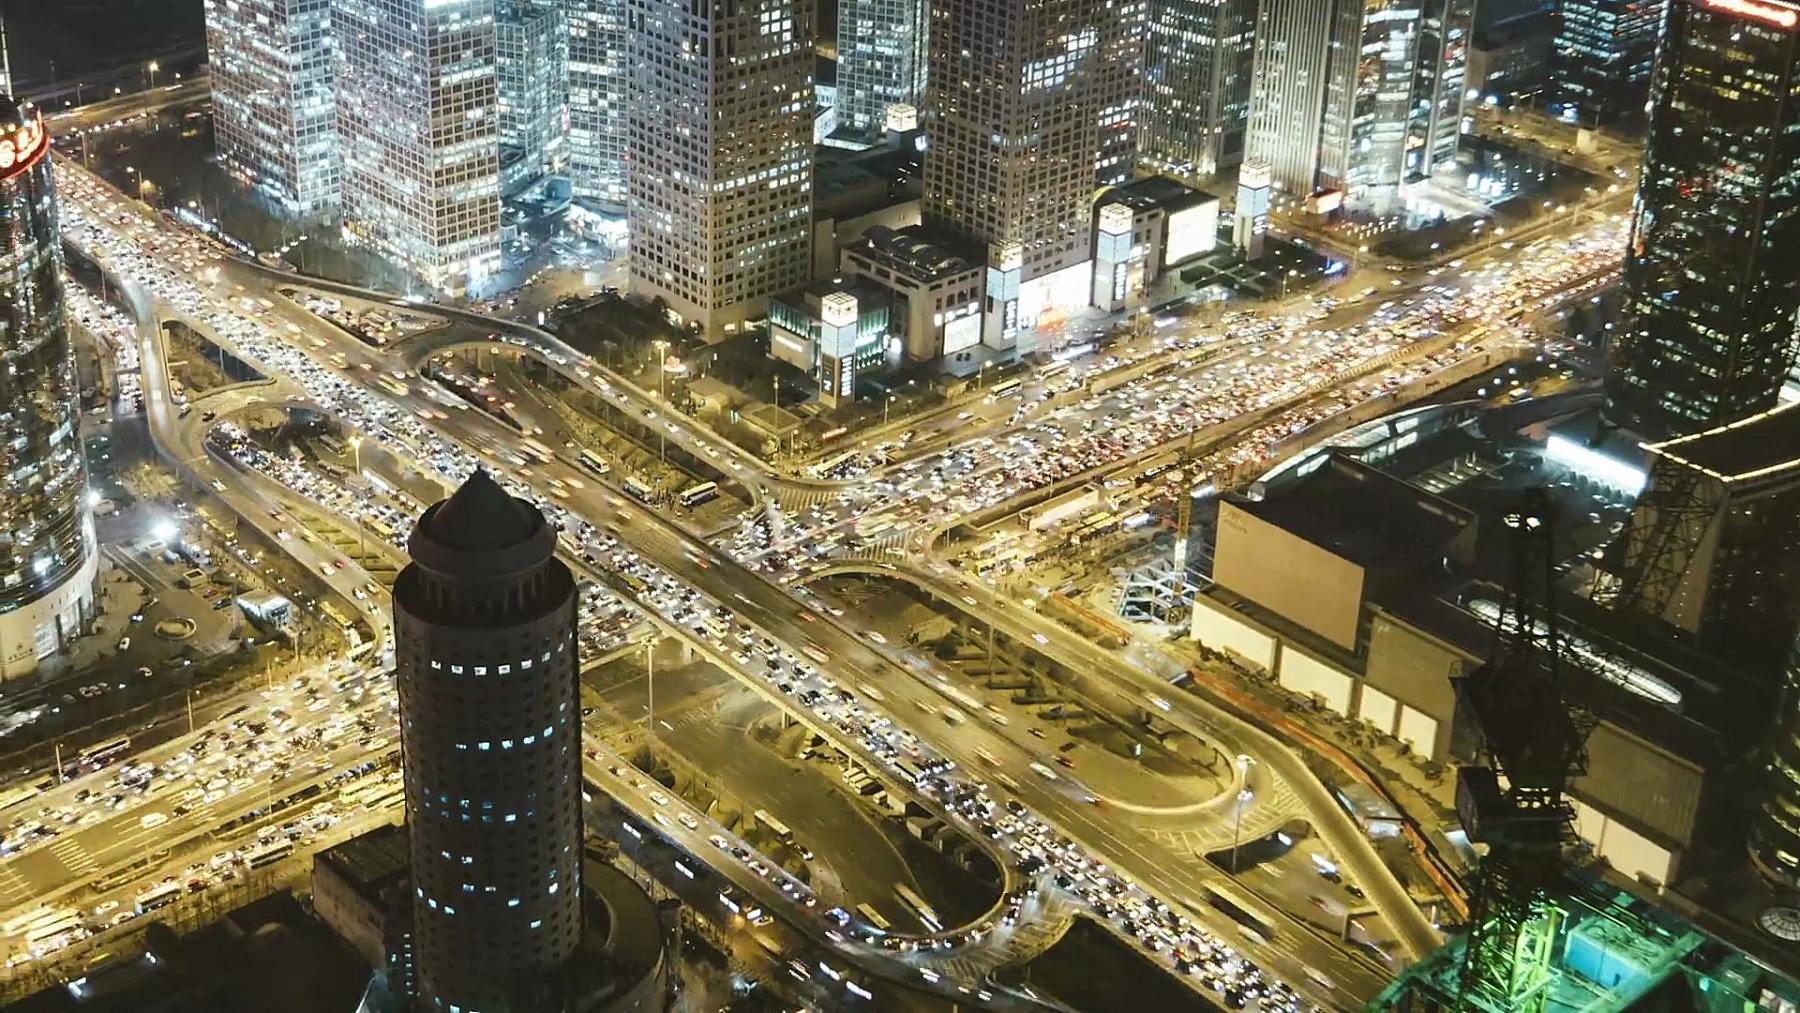 T/L MS HA PAN北京中央商务区和高峰时间交通/北京,中国